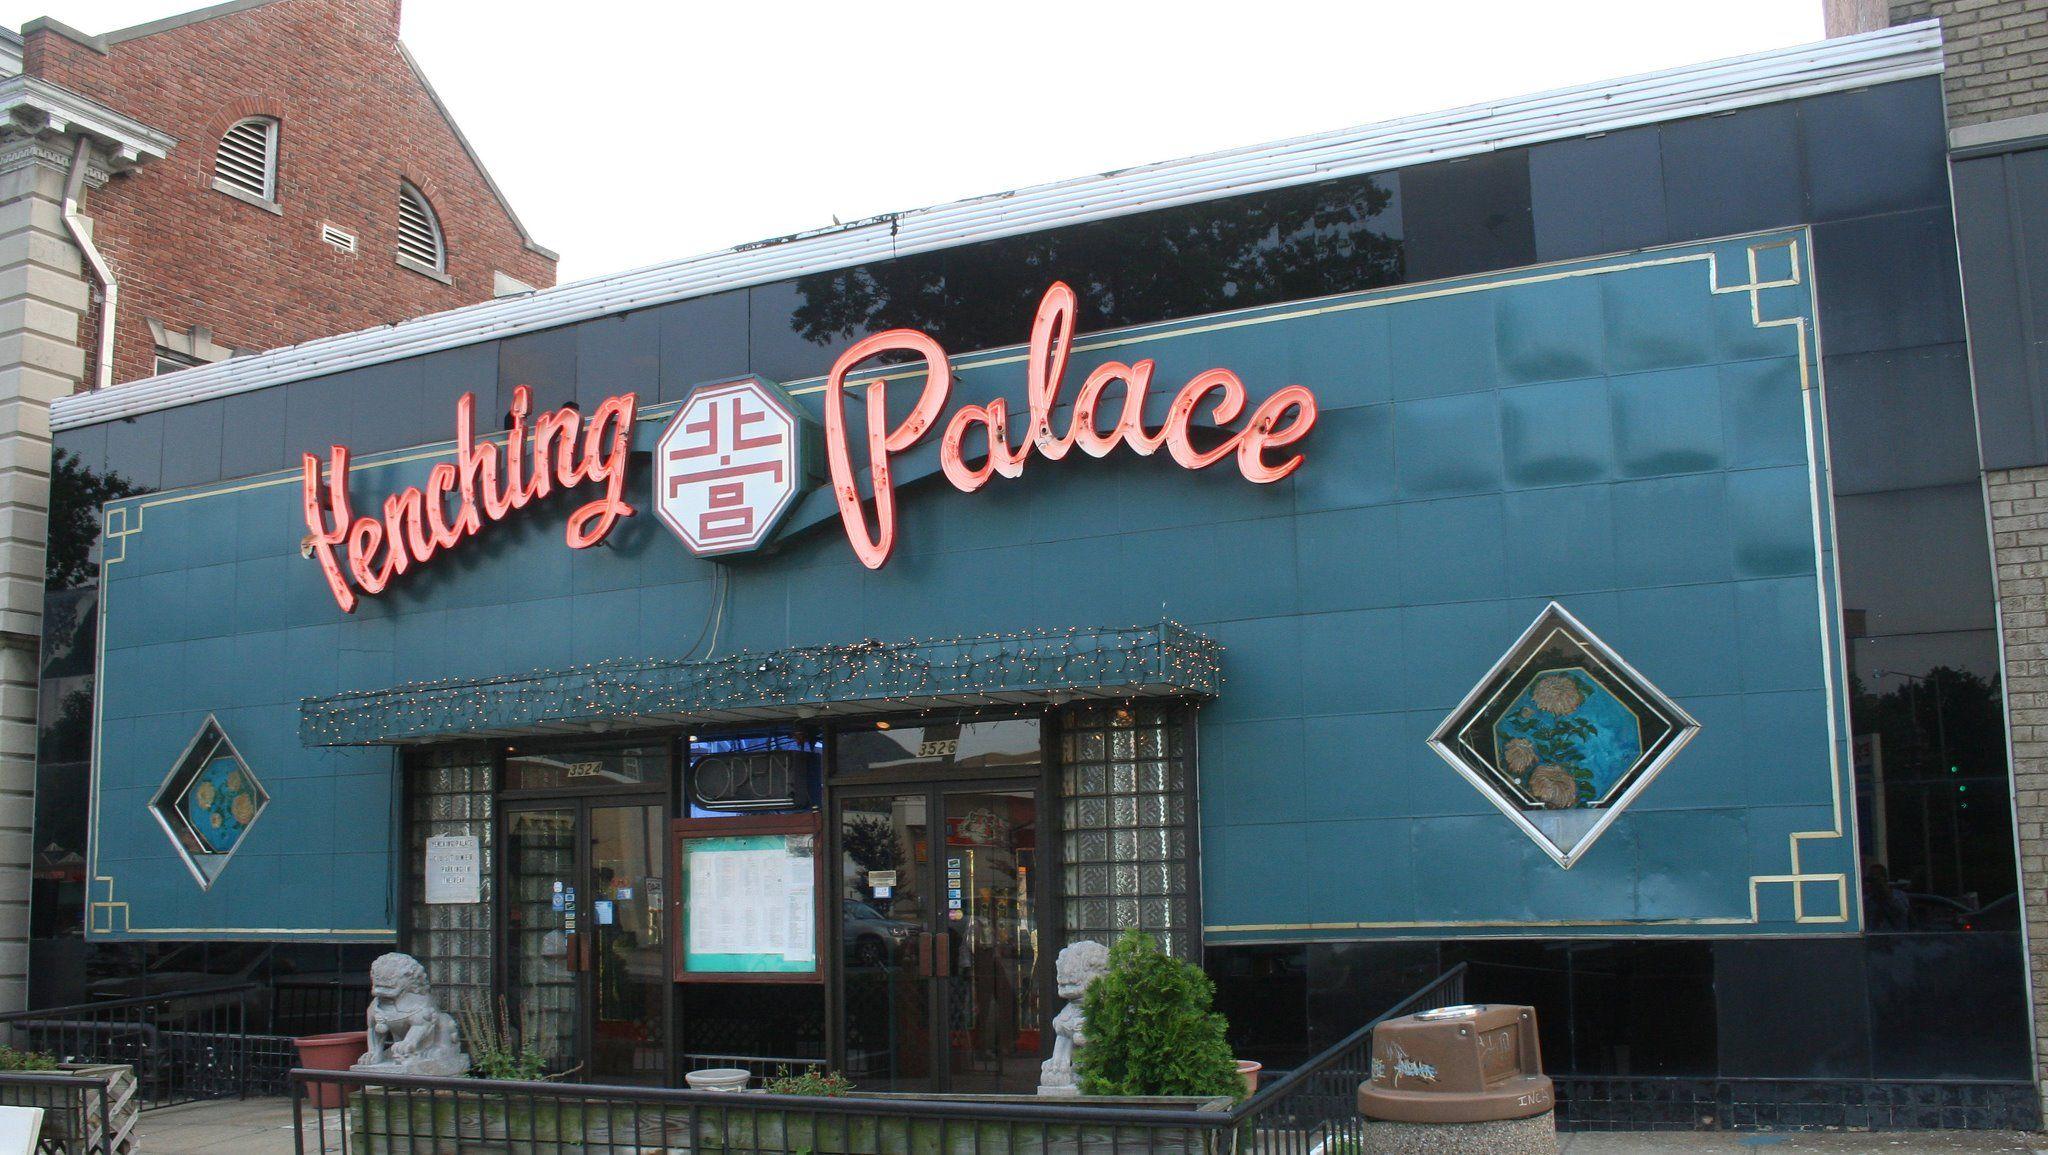 Yenching Palace, Connecticut Avenue, Washington DC